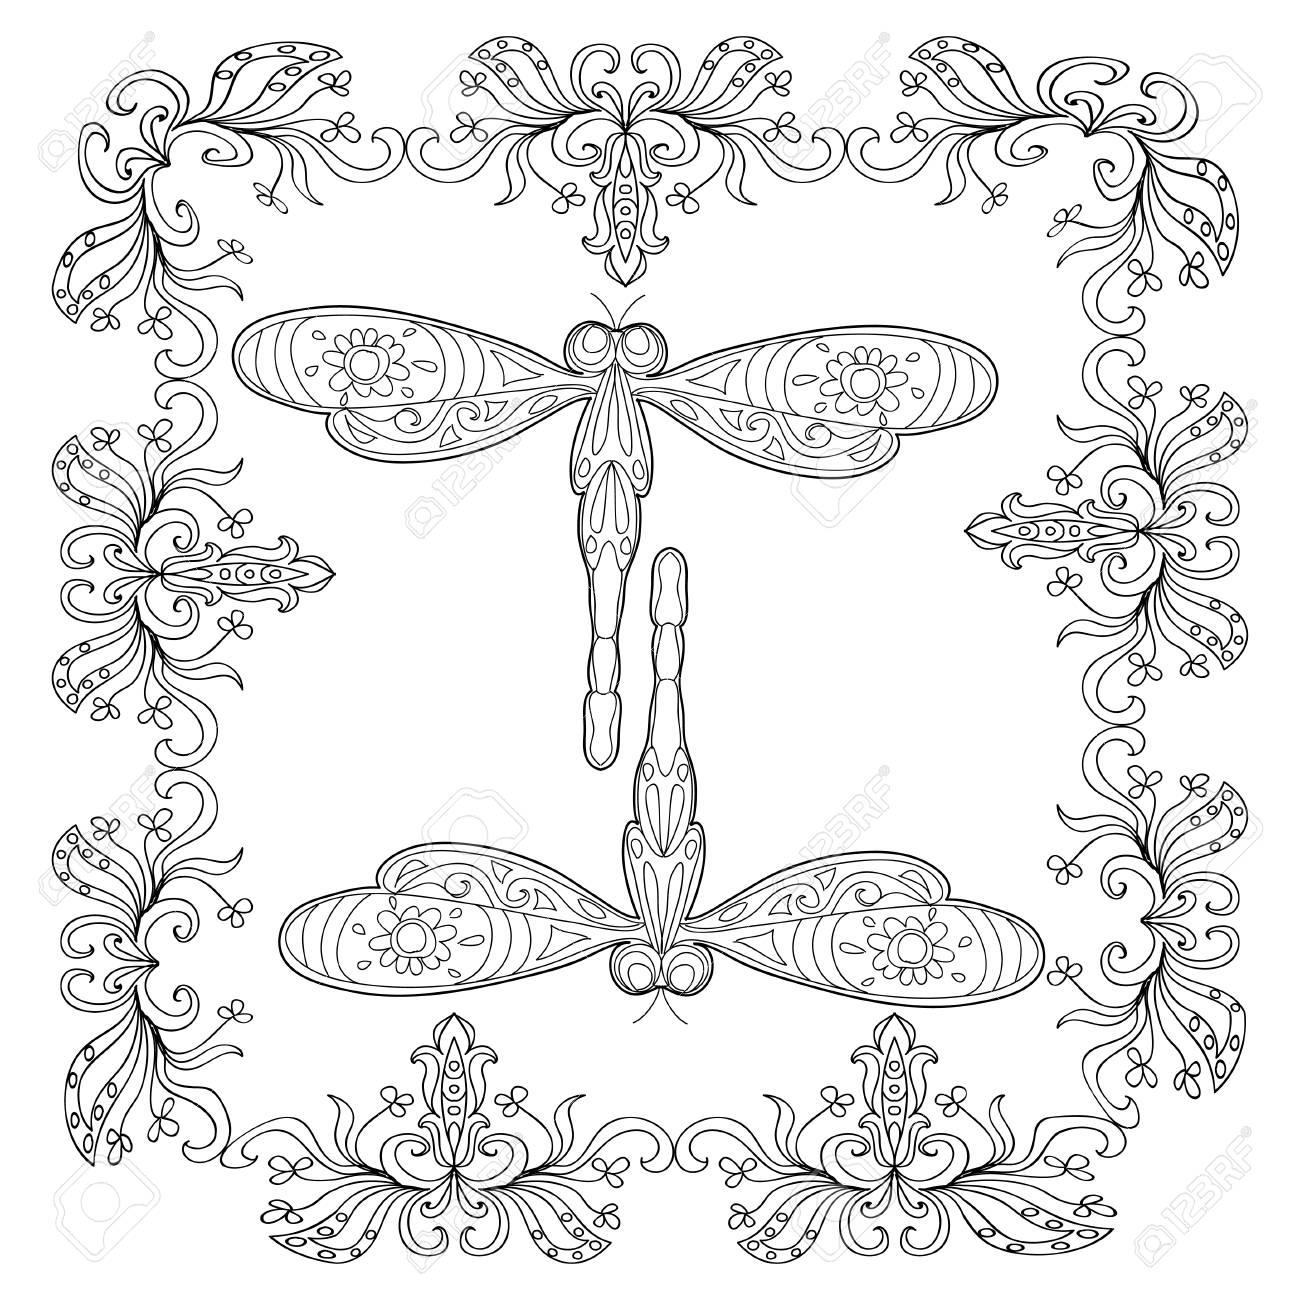 Dragonfly Abstract Mandala Coloring Page Royalty Free Cliparts ...